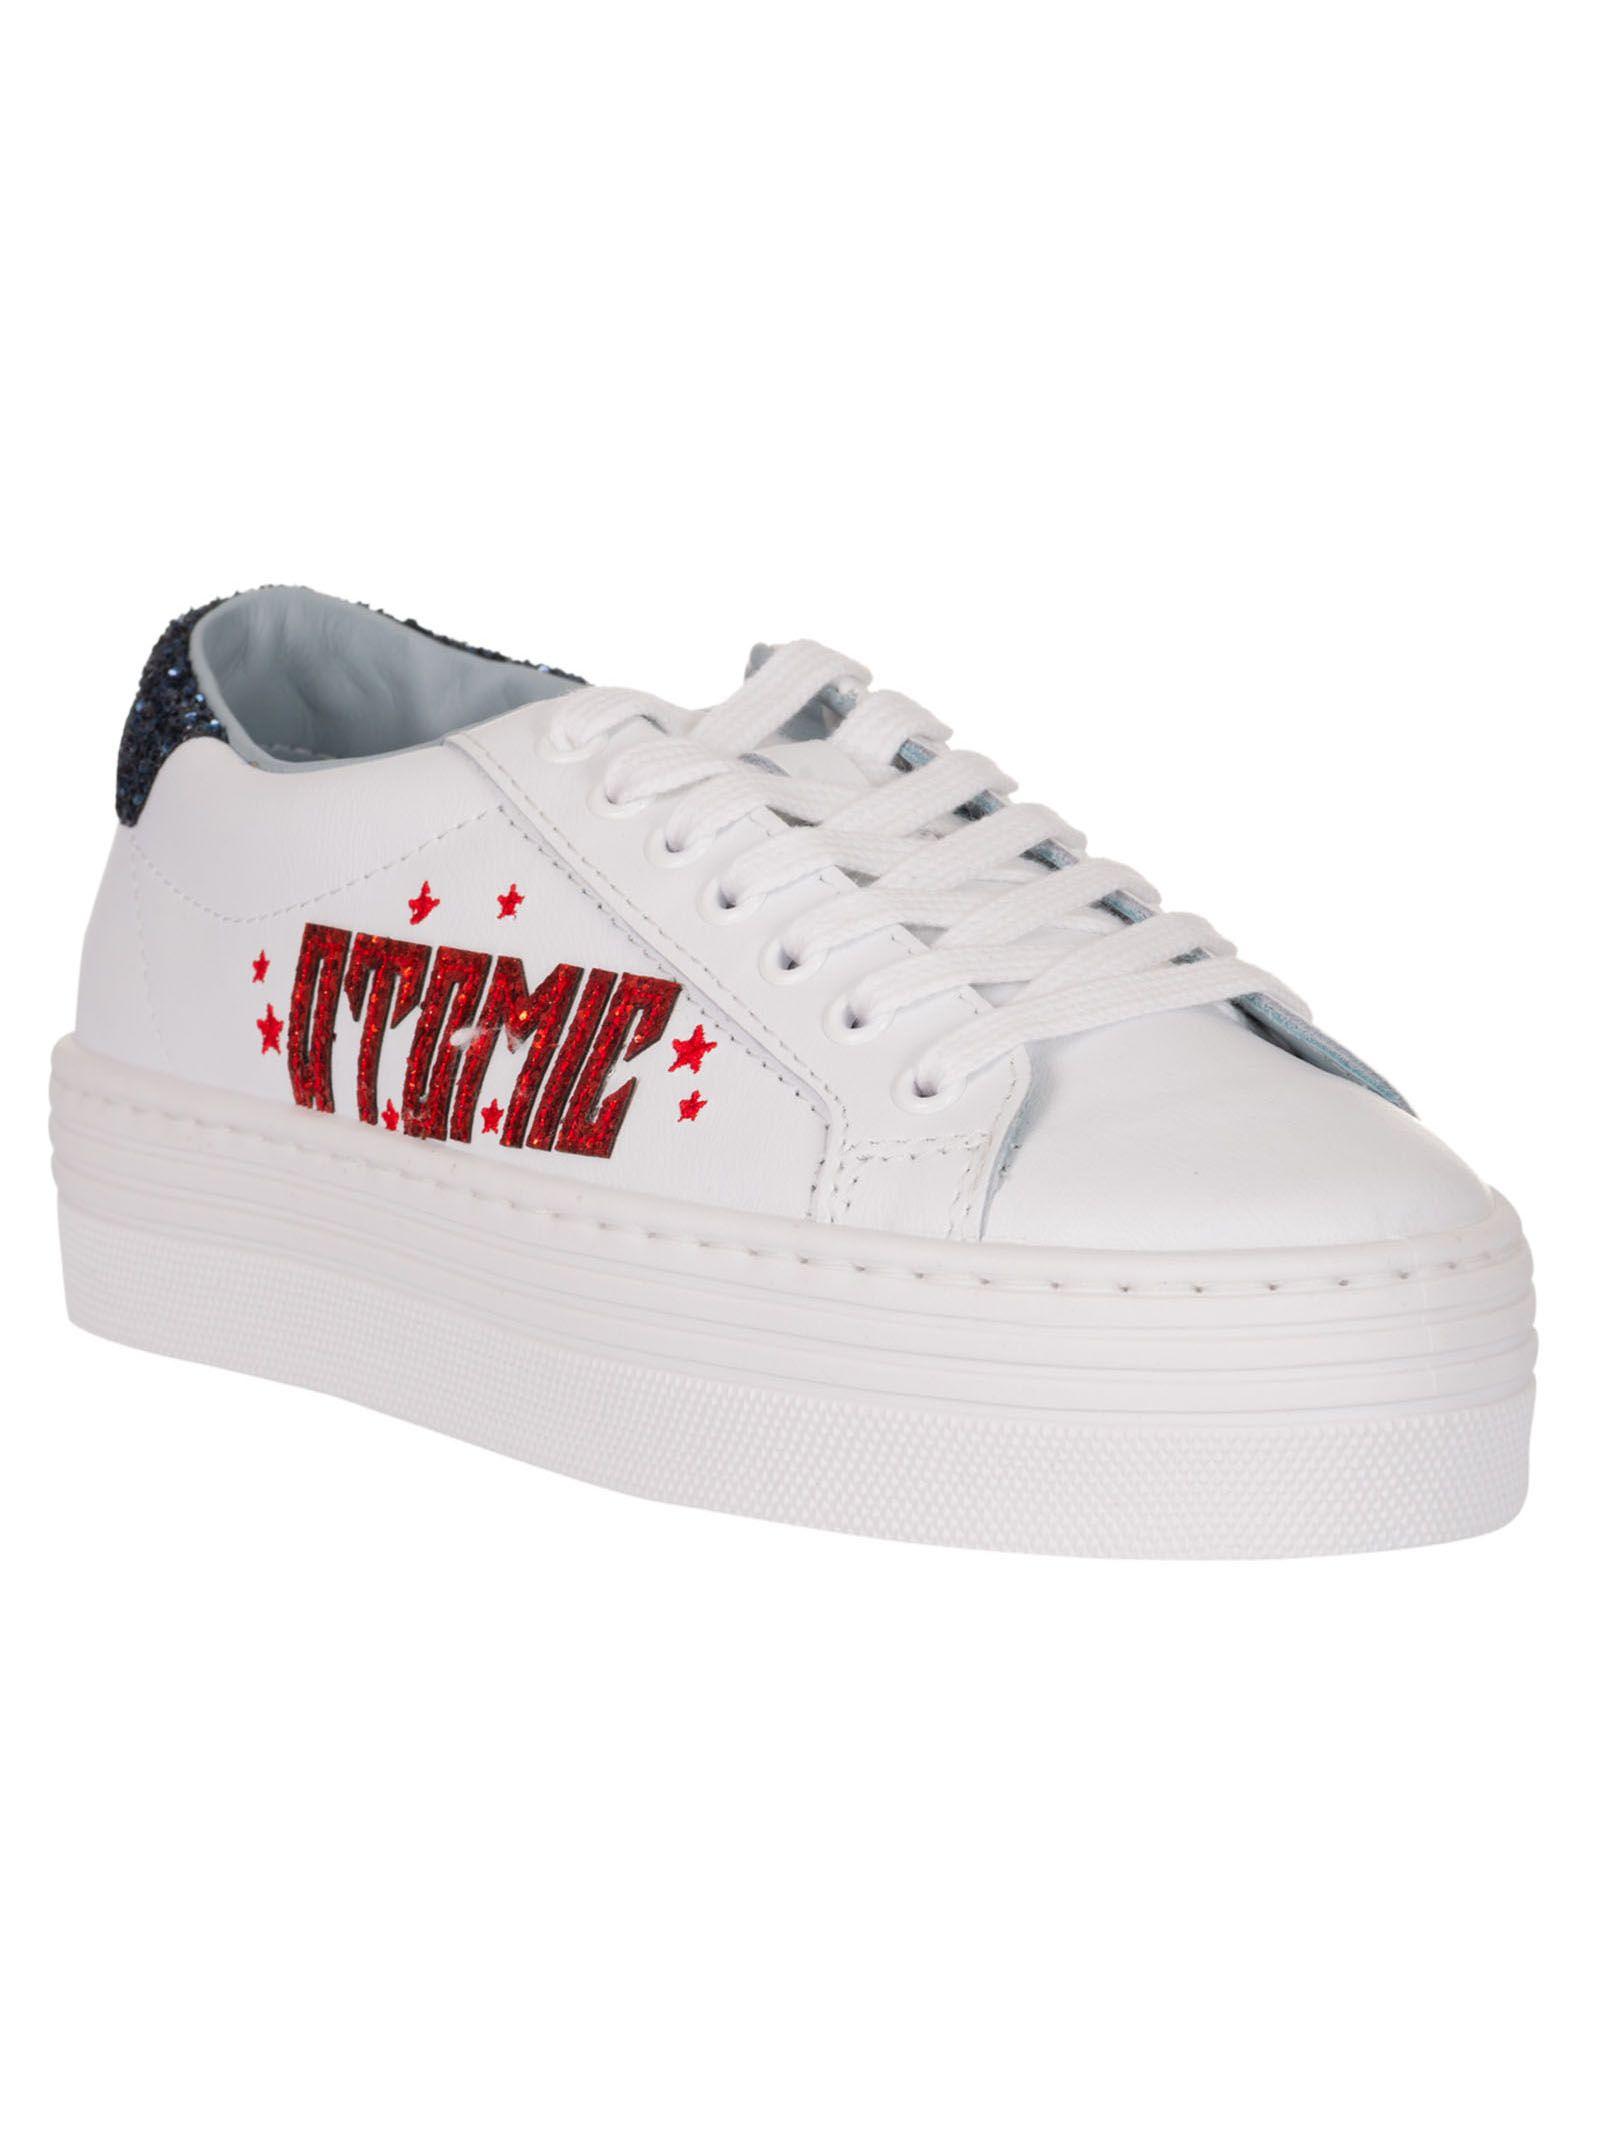 33a95654d78 Chiara Ferragni Chiara Ferragni Atomic Platform Sneakers - White ...